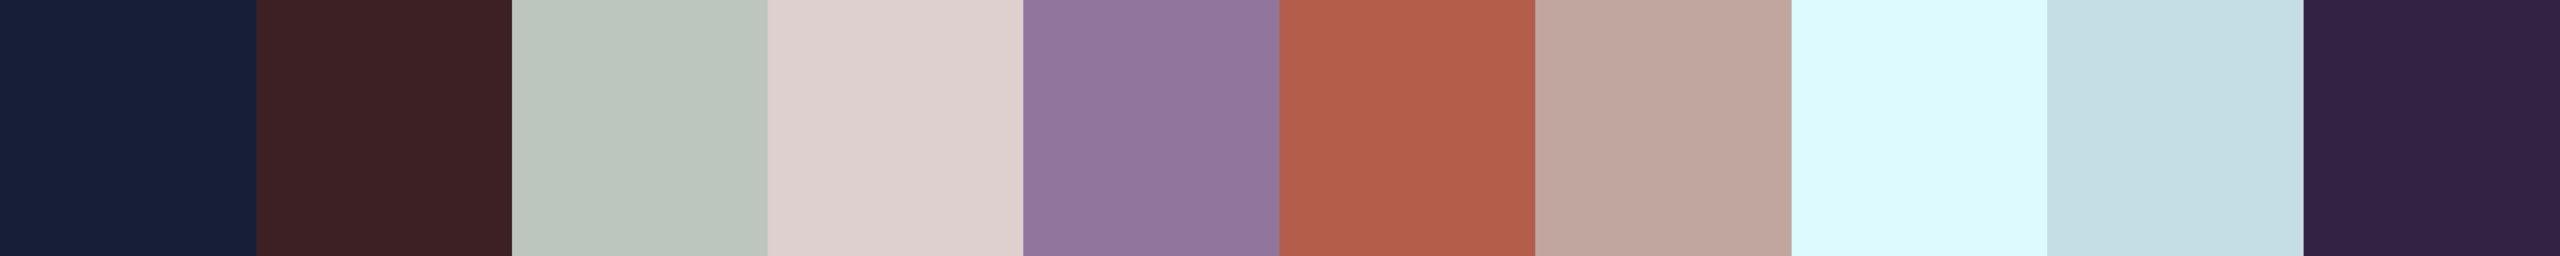 205 Diavapia Color Palette